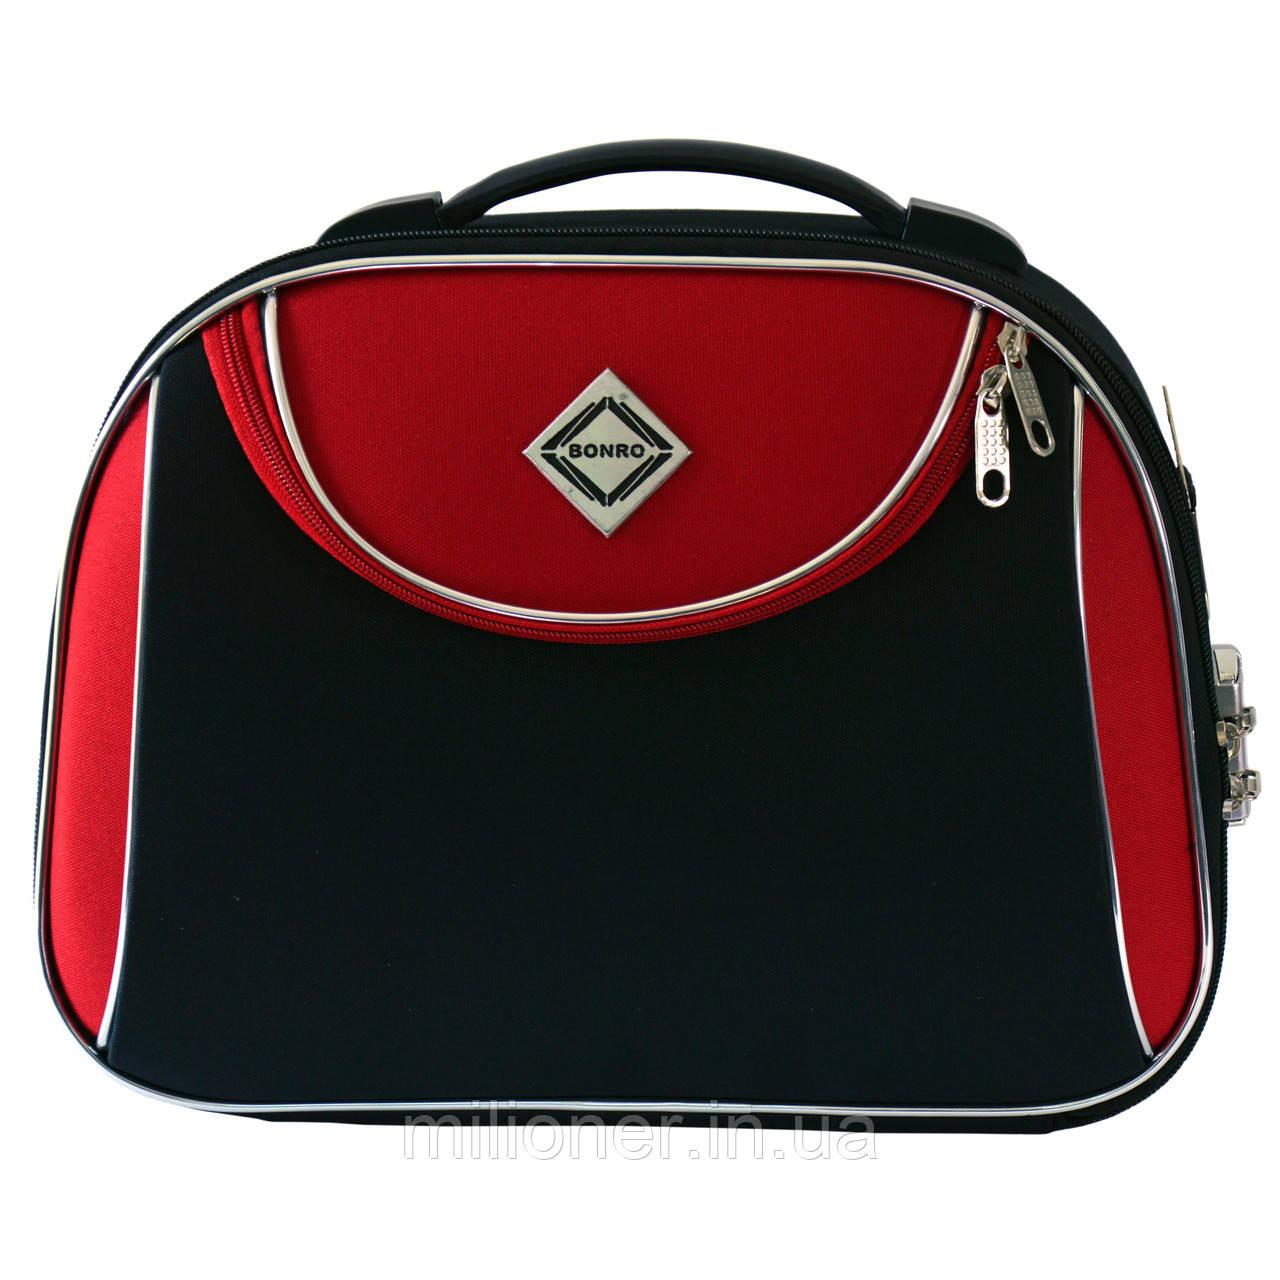 Сумка кейс саквояж Bonro Style (большой) черно-красный